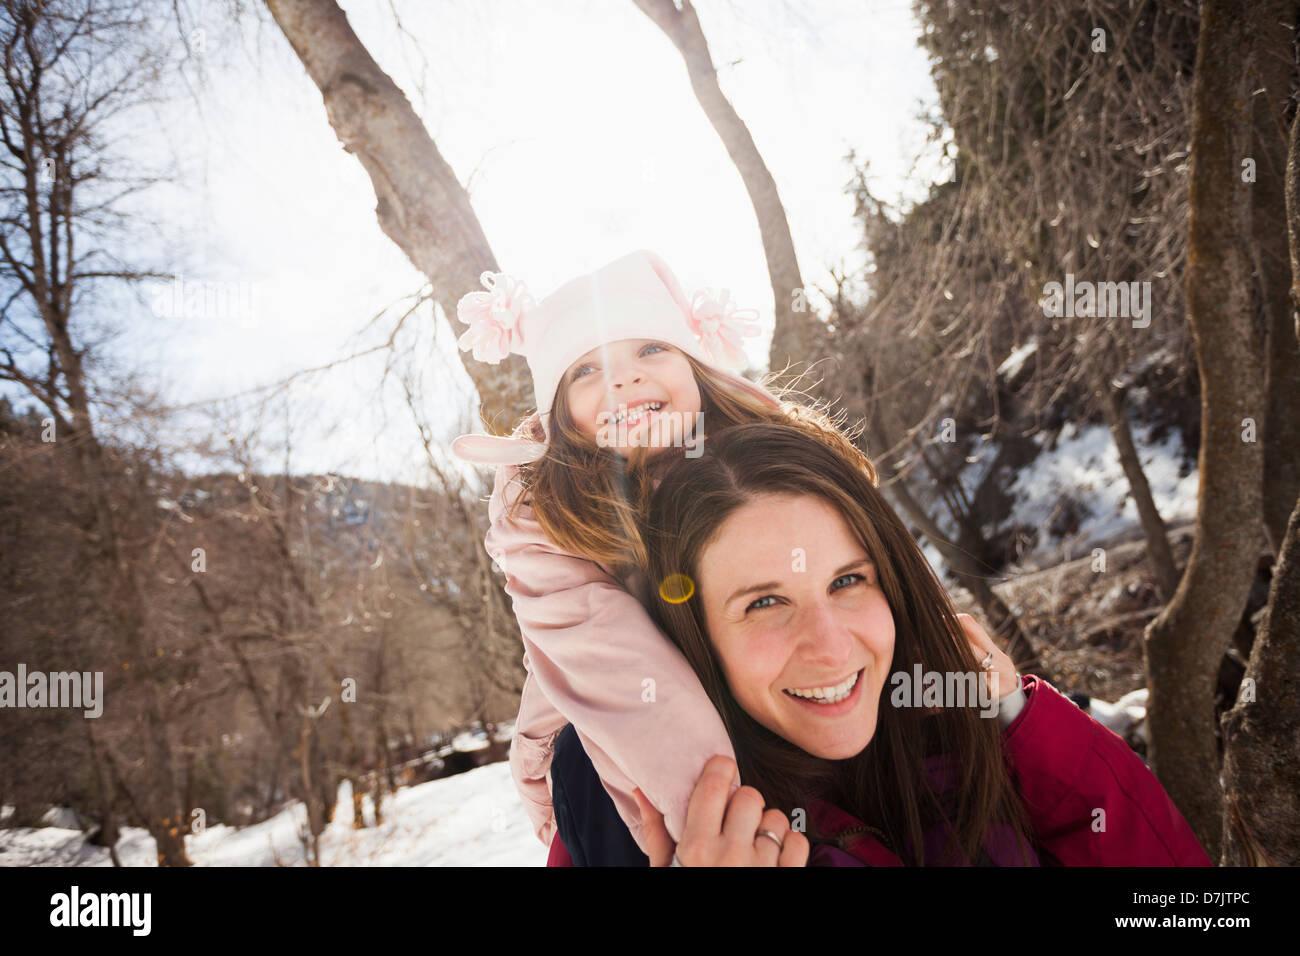 USA, Utah, Highland, jeune femme portant sa fille (2-3) sur les épaules Photo Stock